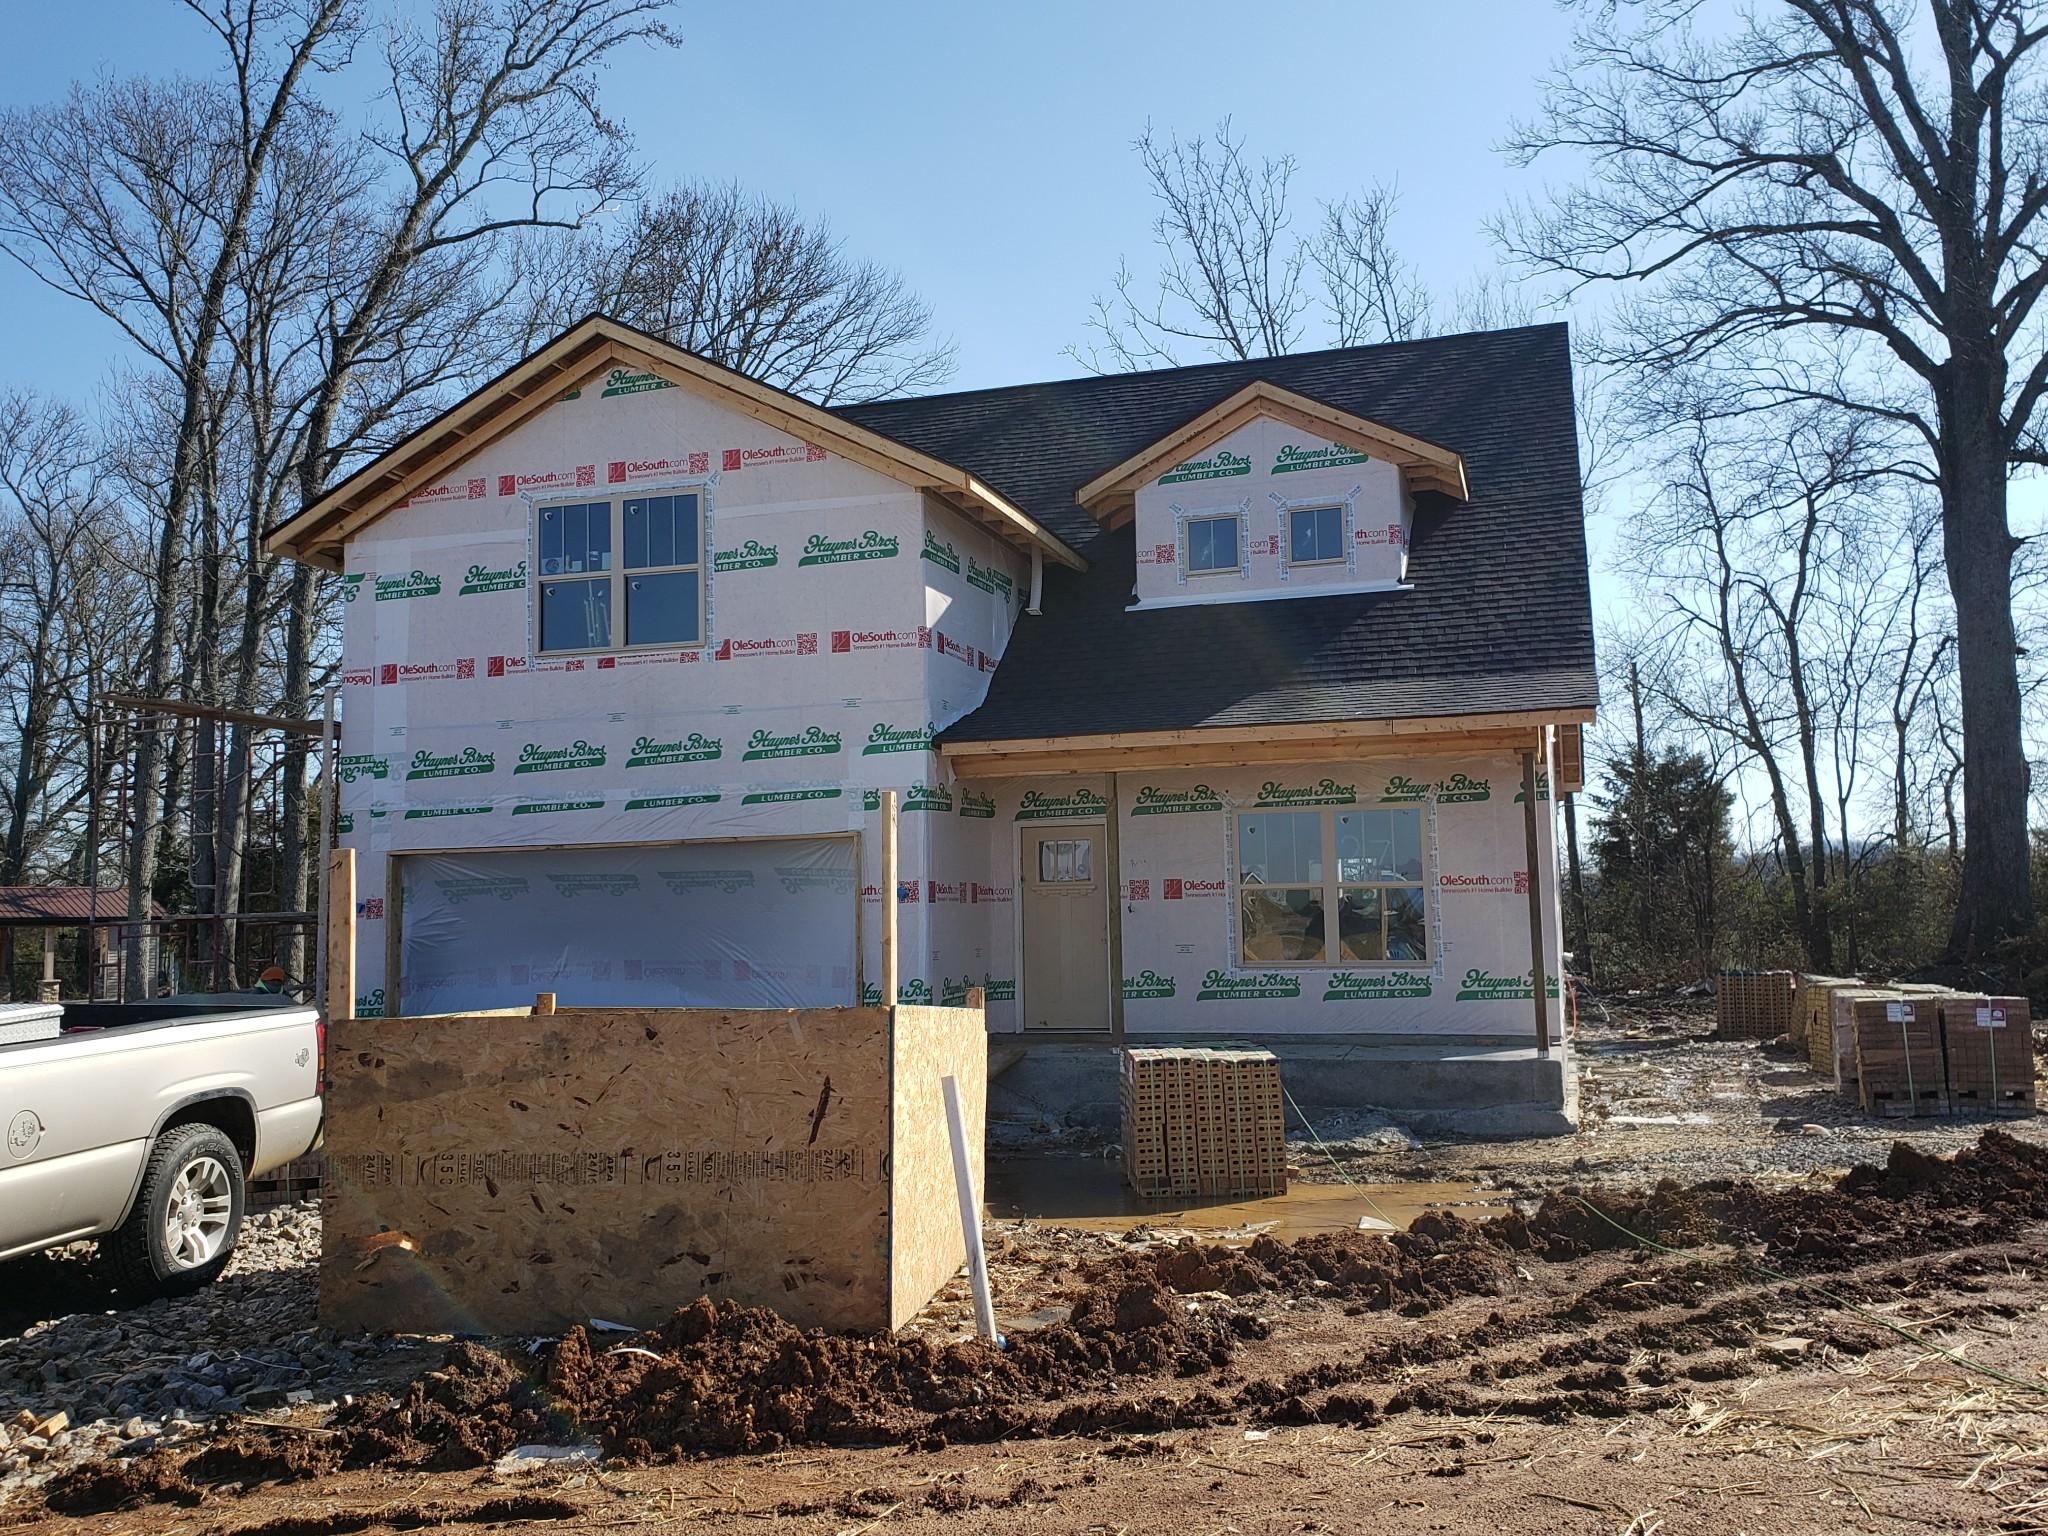 625 Golden Eagle Ct.- #27, Eagleville, TN 37060 - Eagleville, TN real estate listing